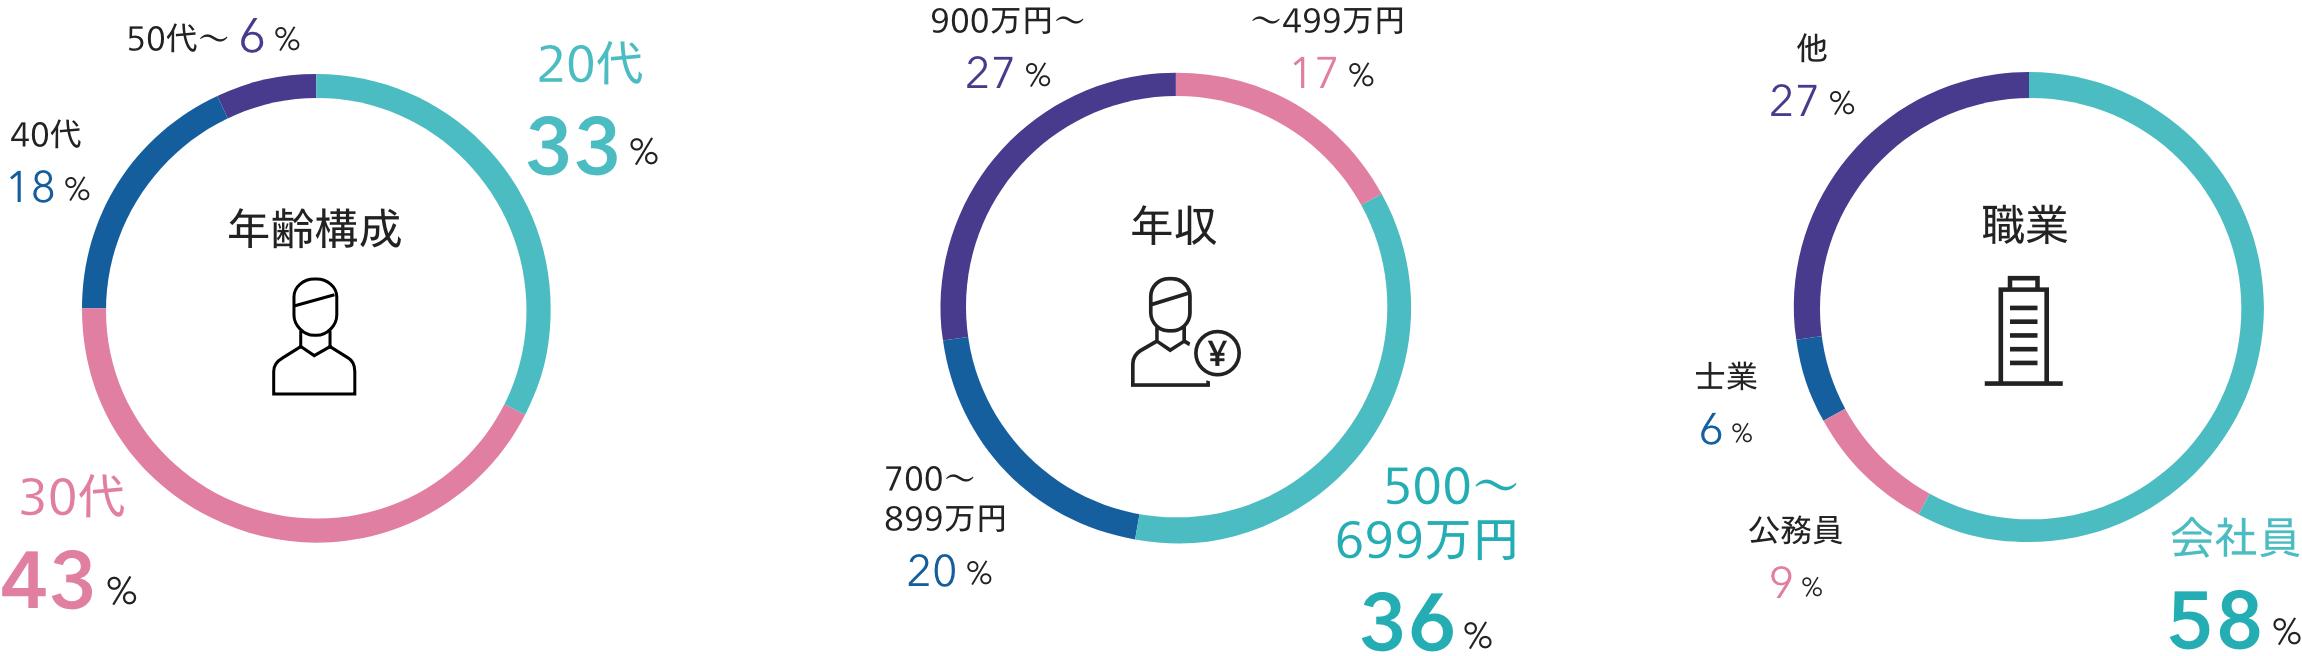 オーナーのデータ年齢構成・年収・職業